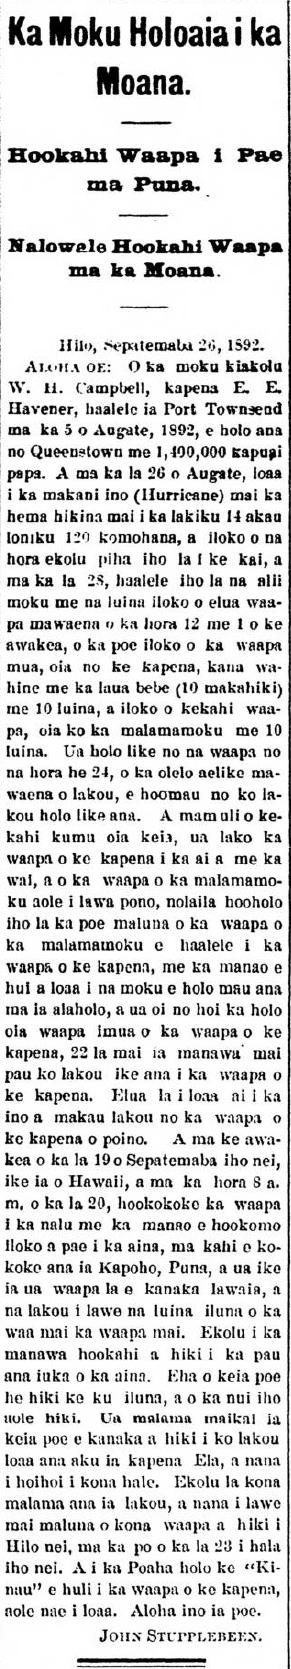 Kuokoa_10_1_1892_2.png